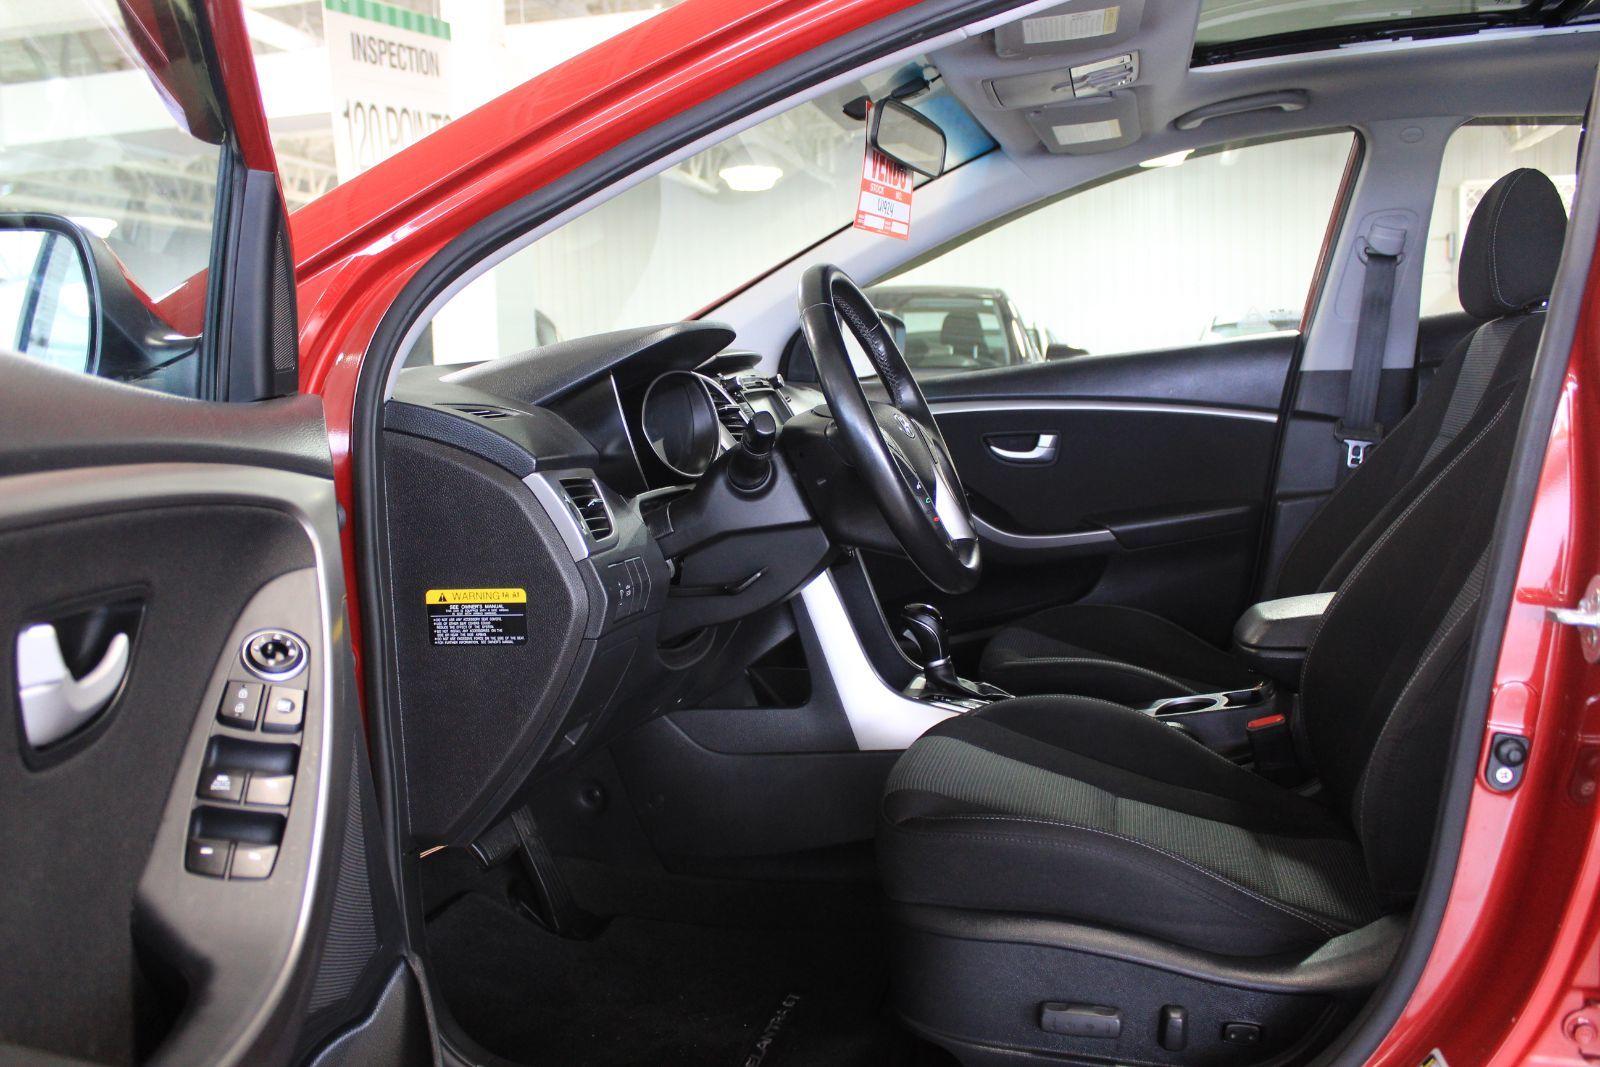 2017 Hyundai Elantra GT complet